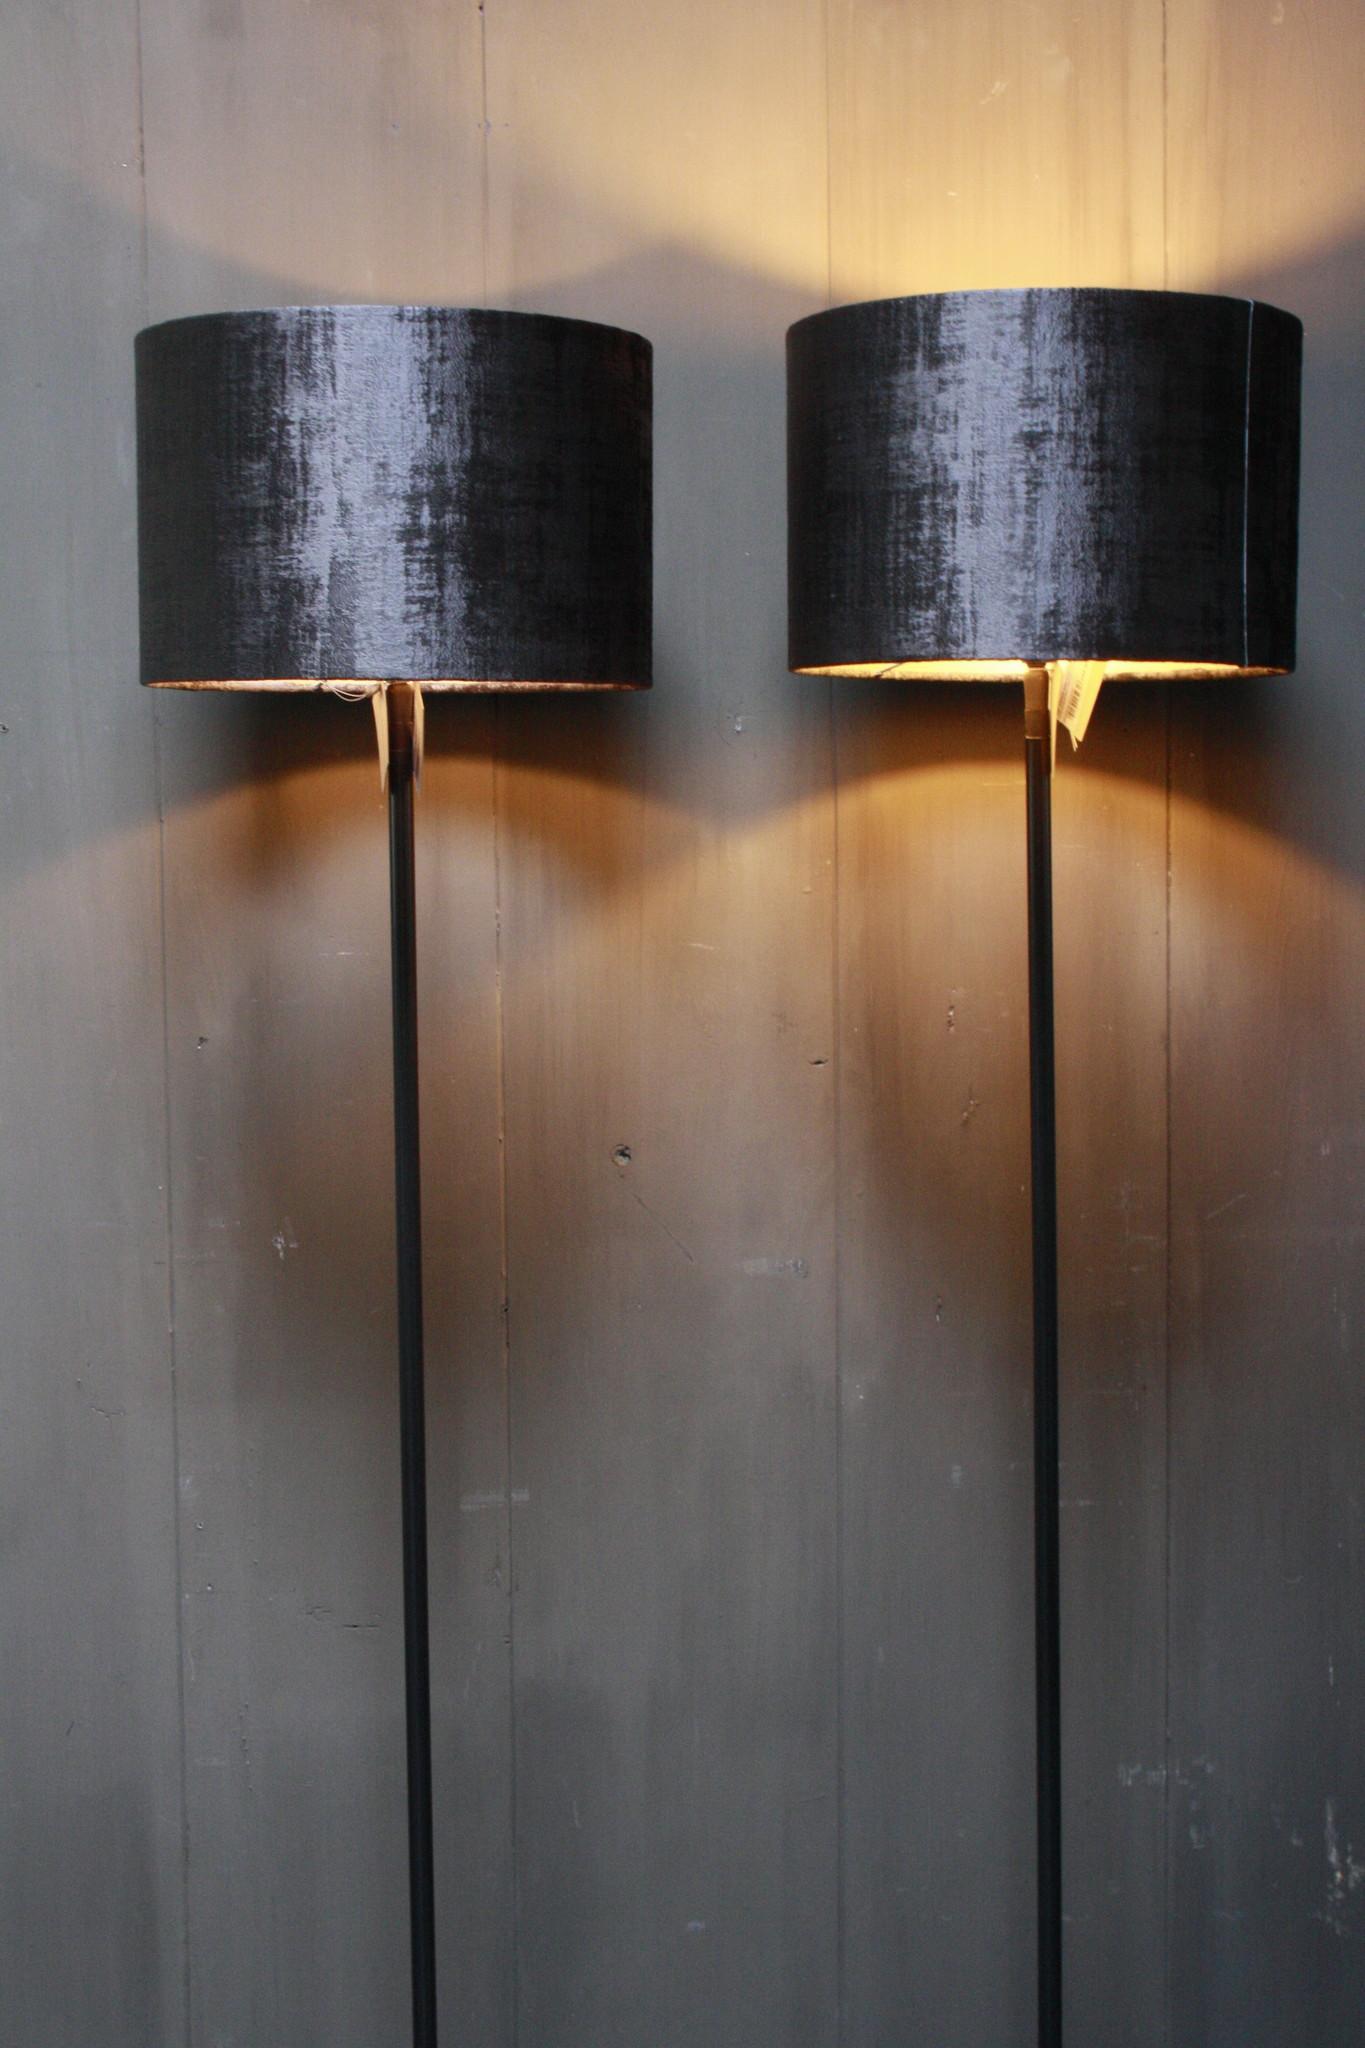 Vloerlamp 120 cm velvet robbs/taupe + natuurstenen voet-2